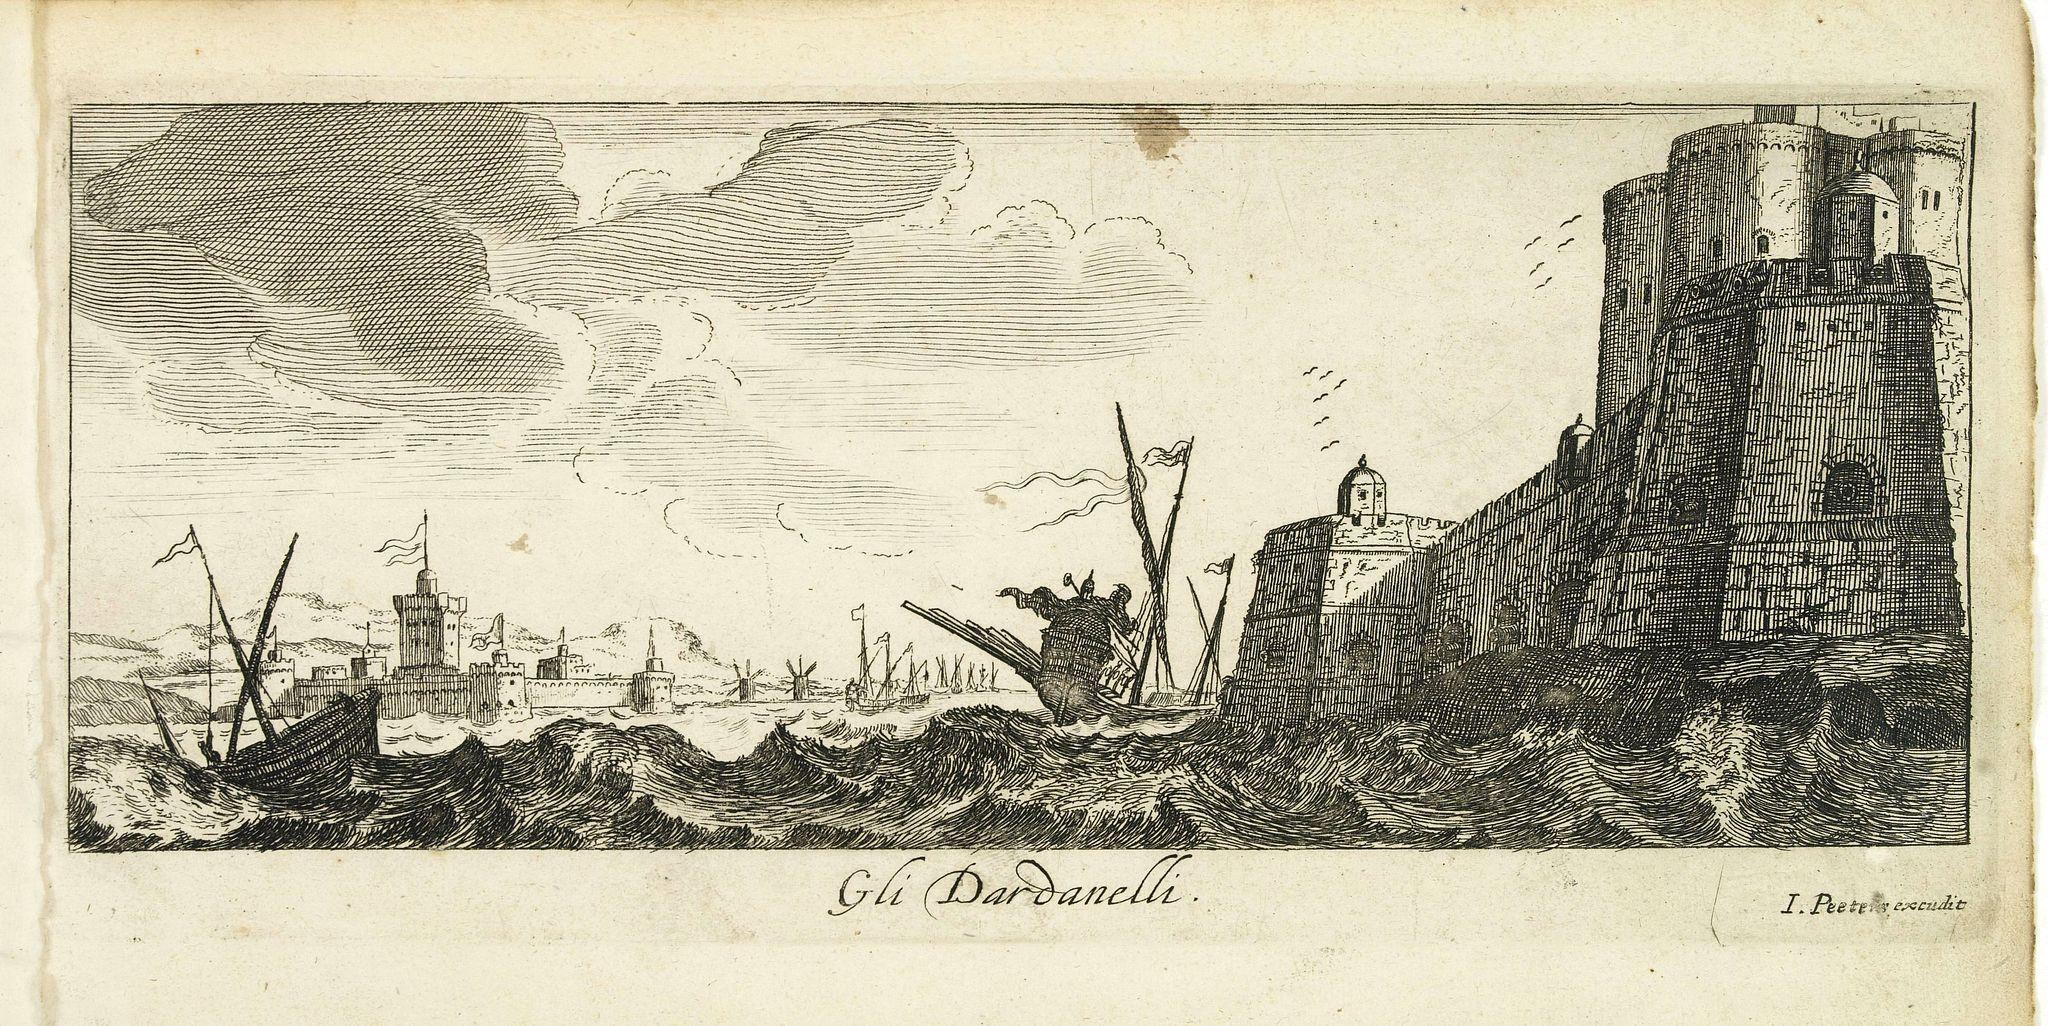 PEETERS, J. / BOUTTATS, G. -  Gli Dardanelli.